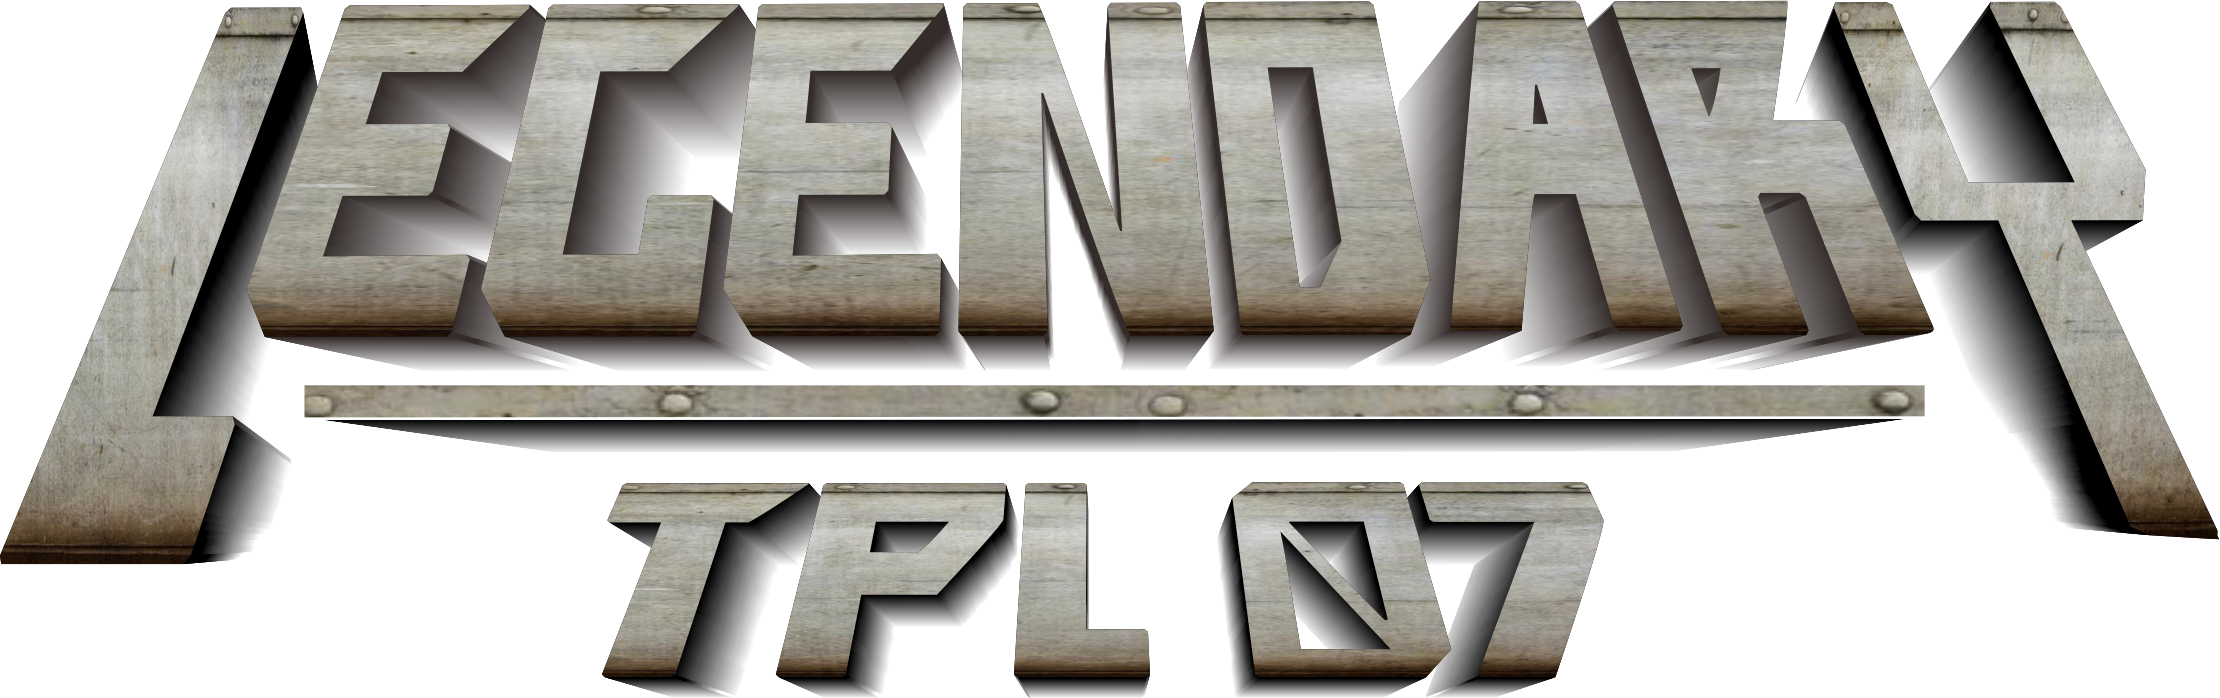 104 Gambar Desain Logo Dengan Corel Draw X6 Gratis Terbaik Untuk Di Contoh